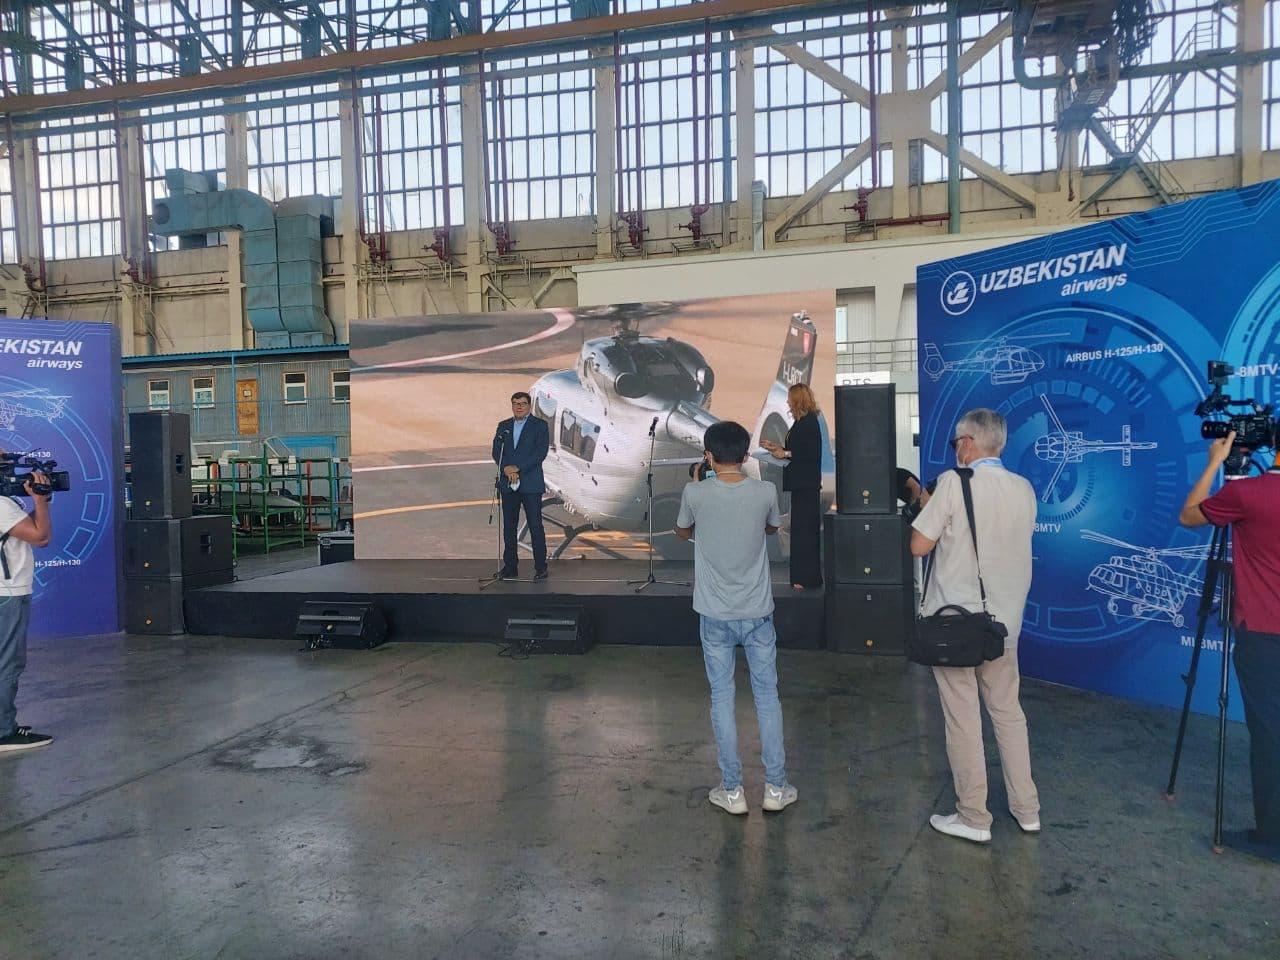 В Узбекистане состоялась презентация вертолетов «Airbus H-125» и «Ми-8МТВ» — видео